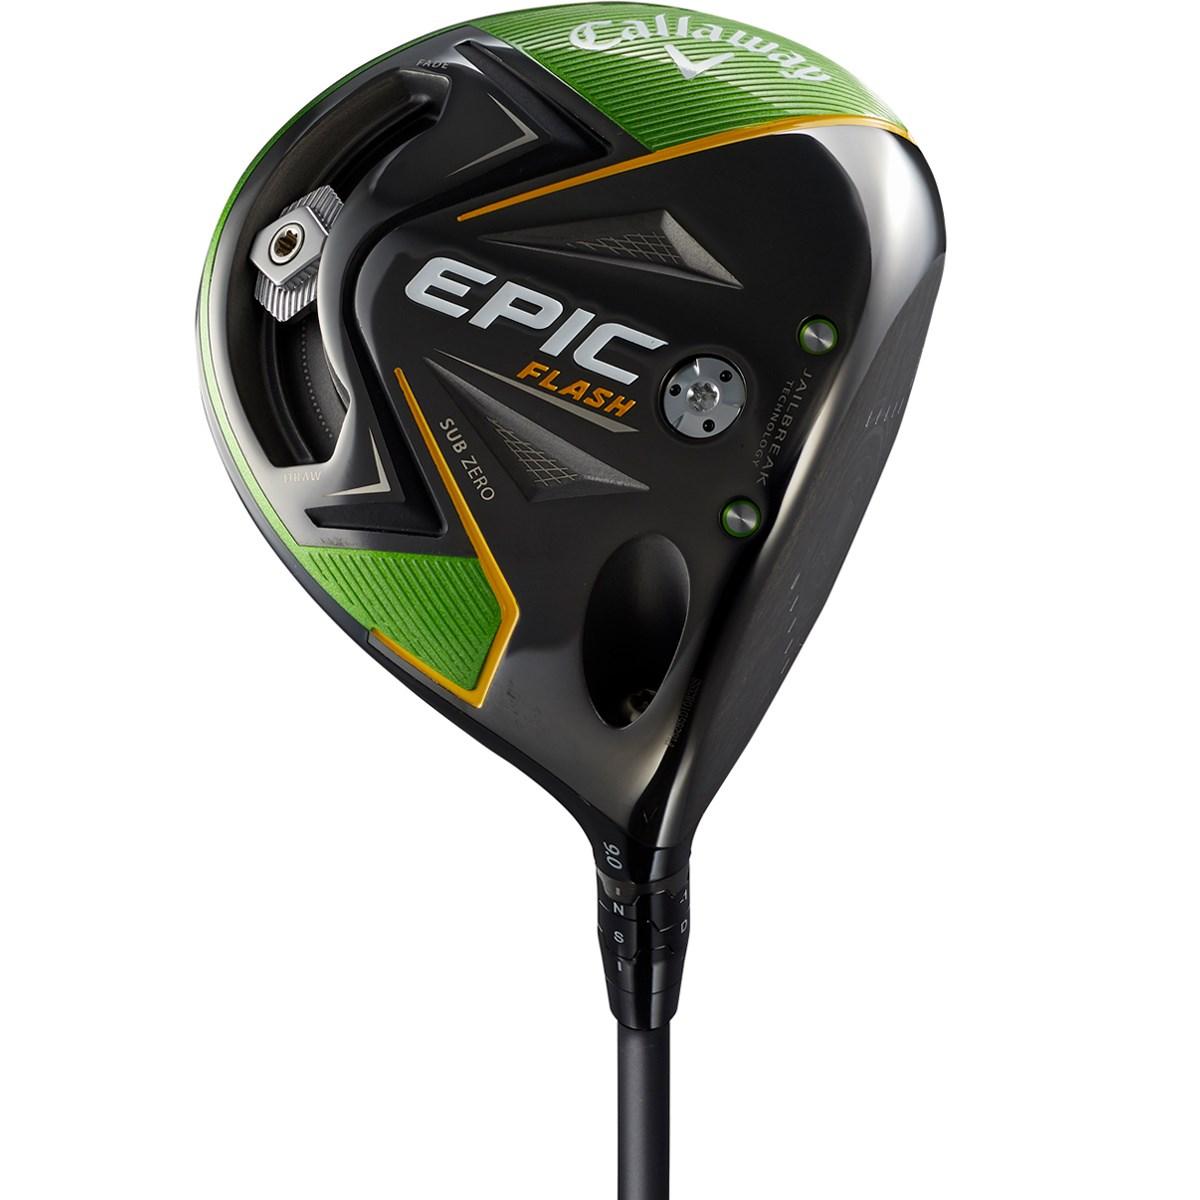 キャロウェイゴルフ(Callaway Golf) エピックフラッシュ サブゼロ ドライバー Tour AD VR-6